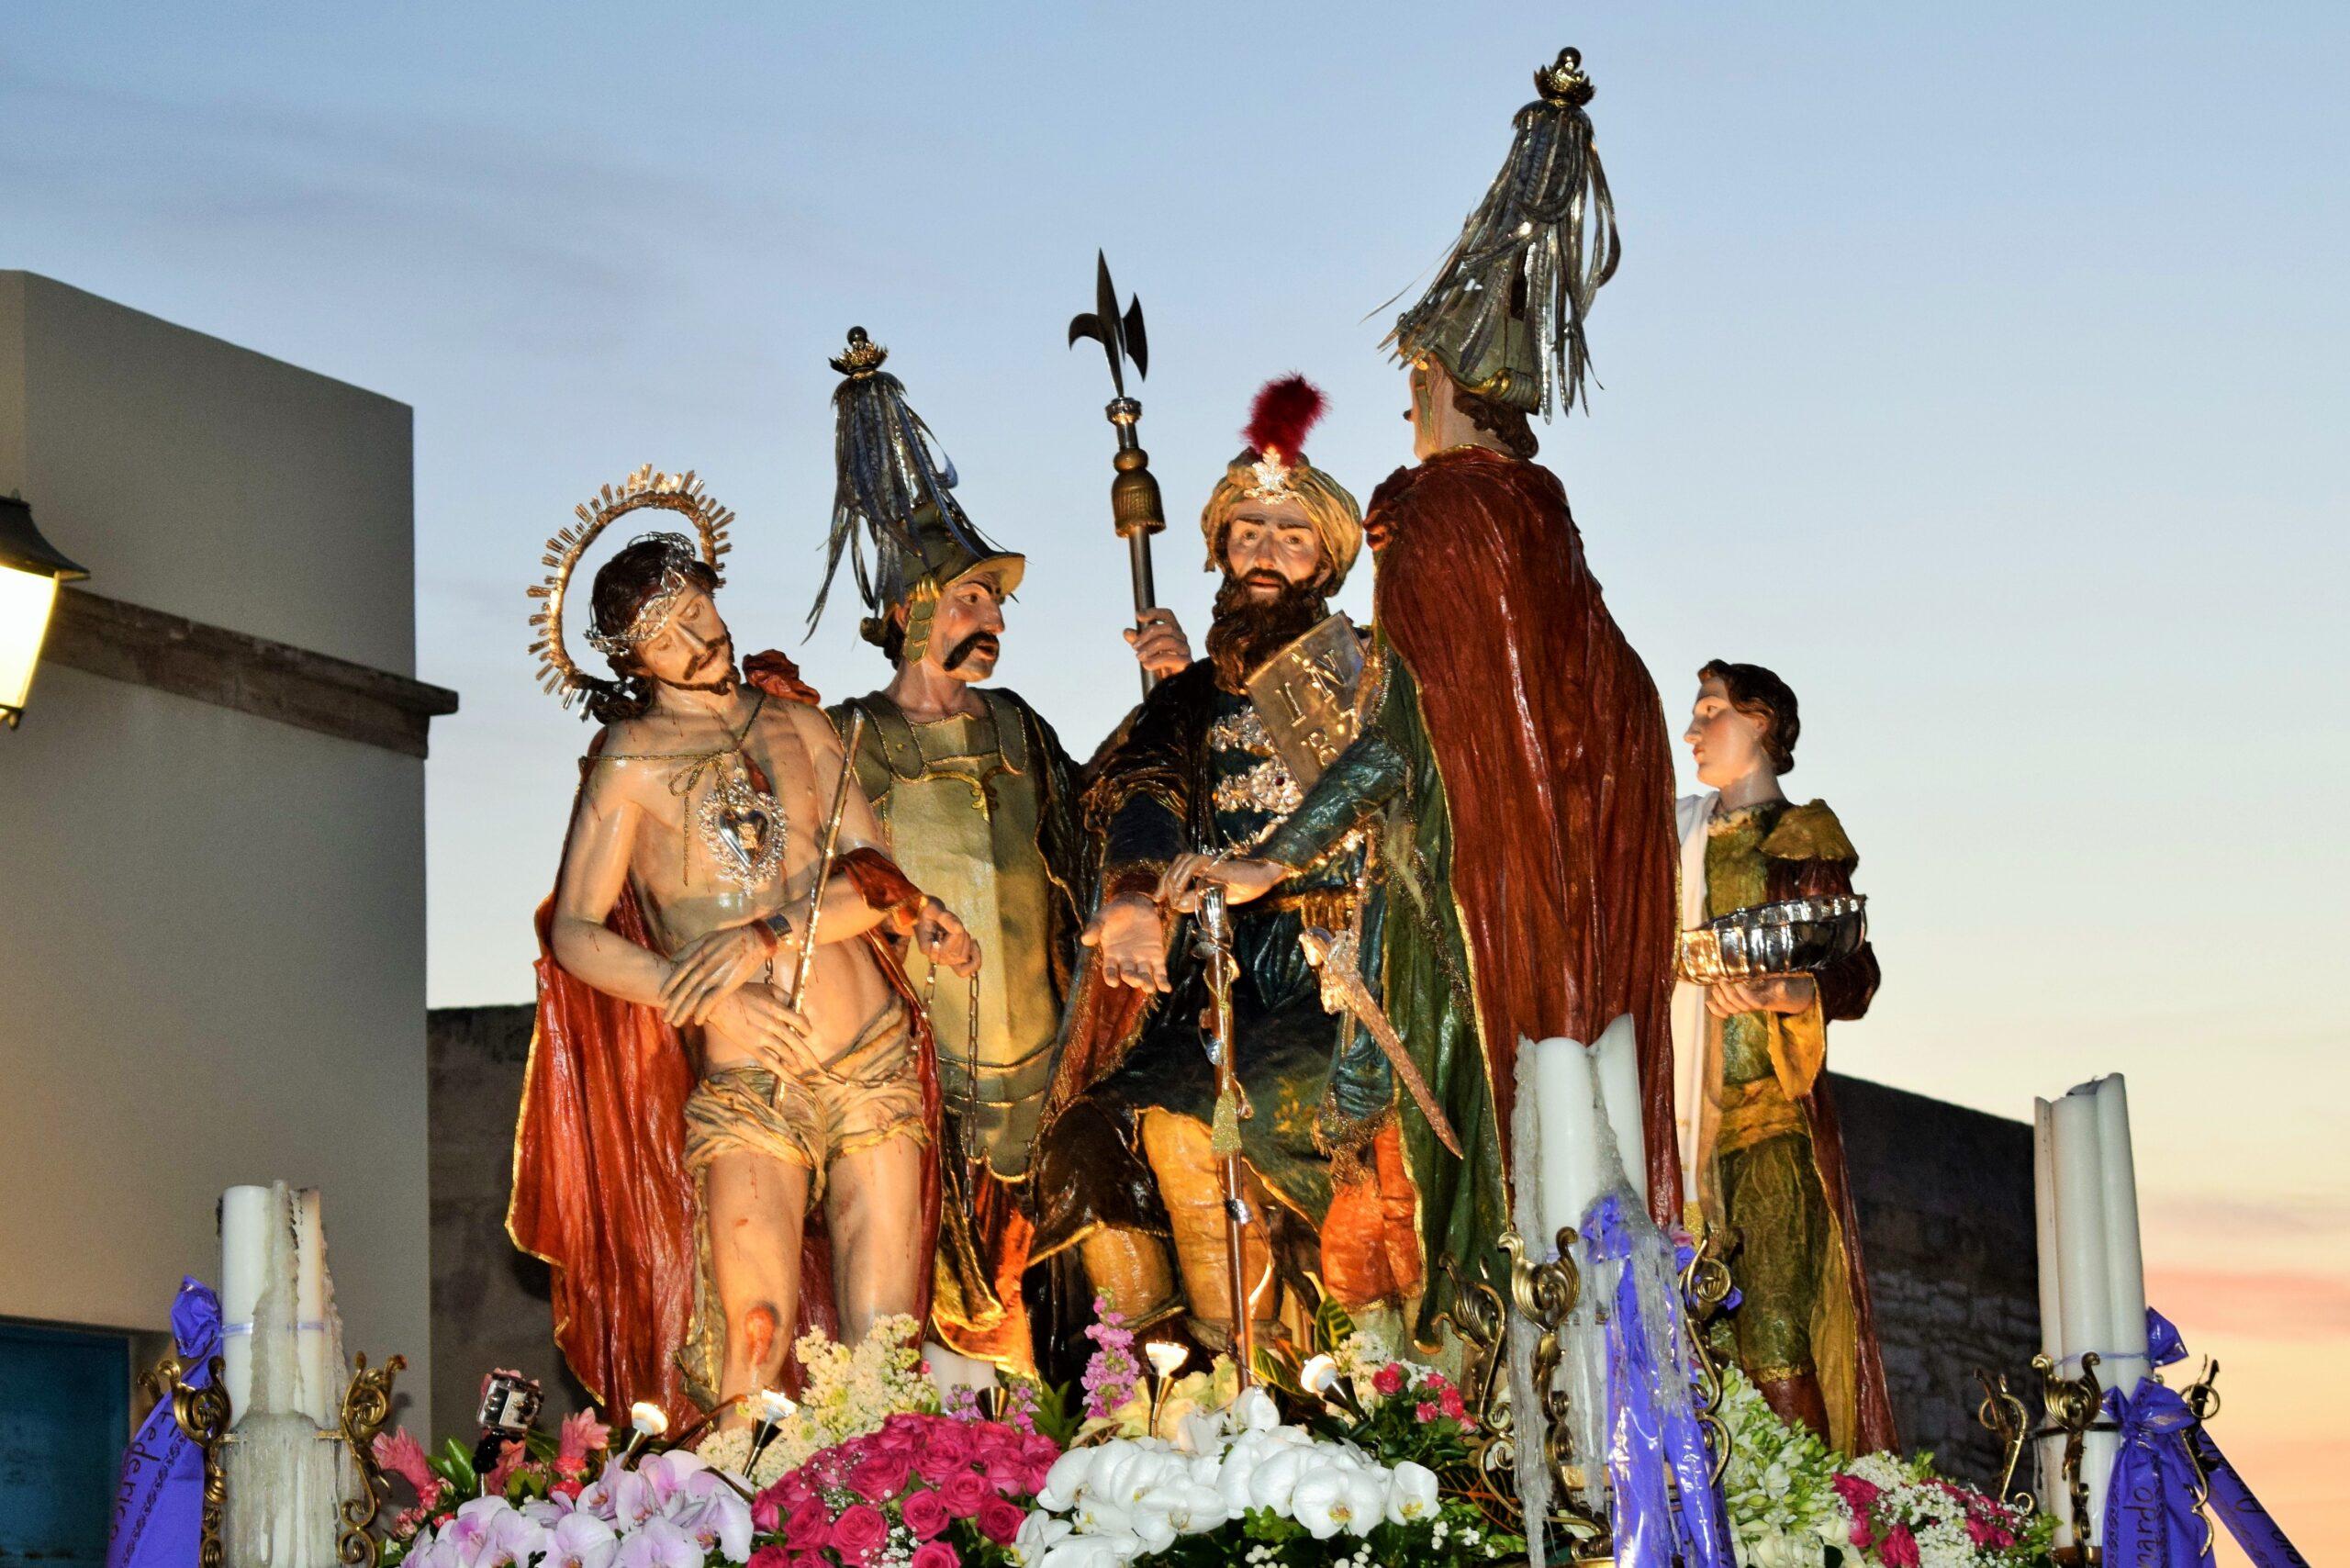 processione-dei-misteri-di-trapani-gruppi-sacri-venerdì-santo-pasqua